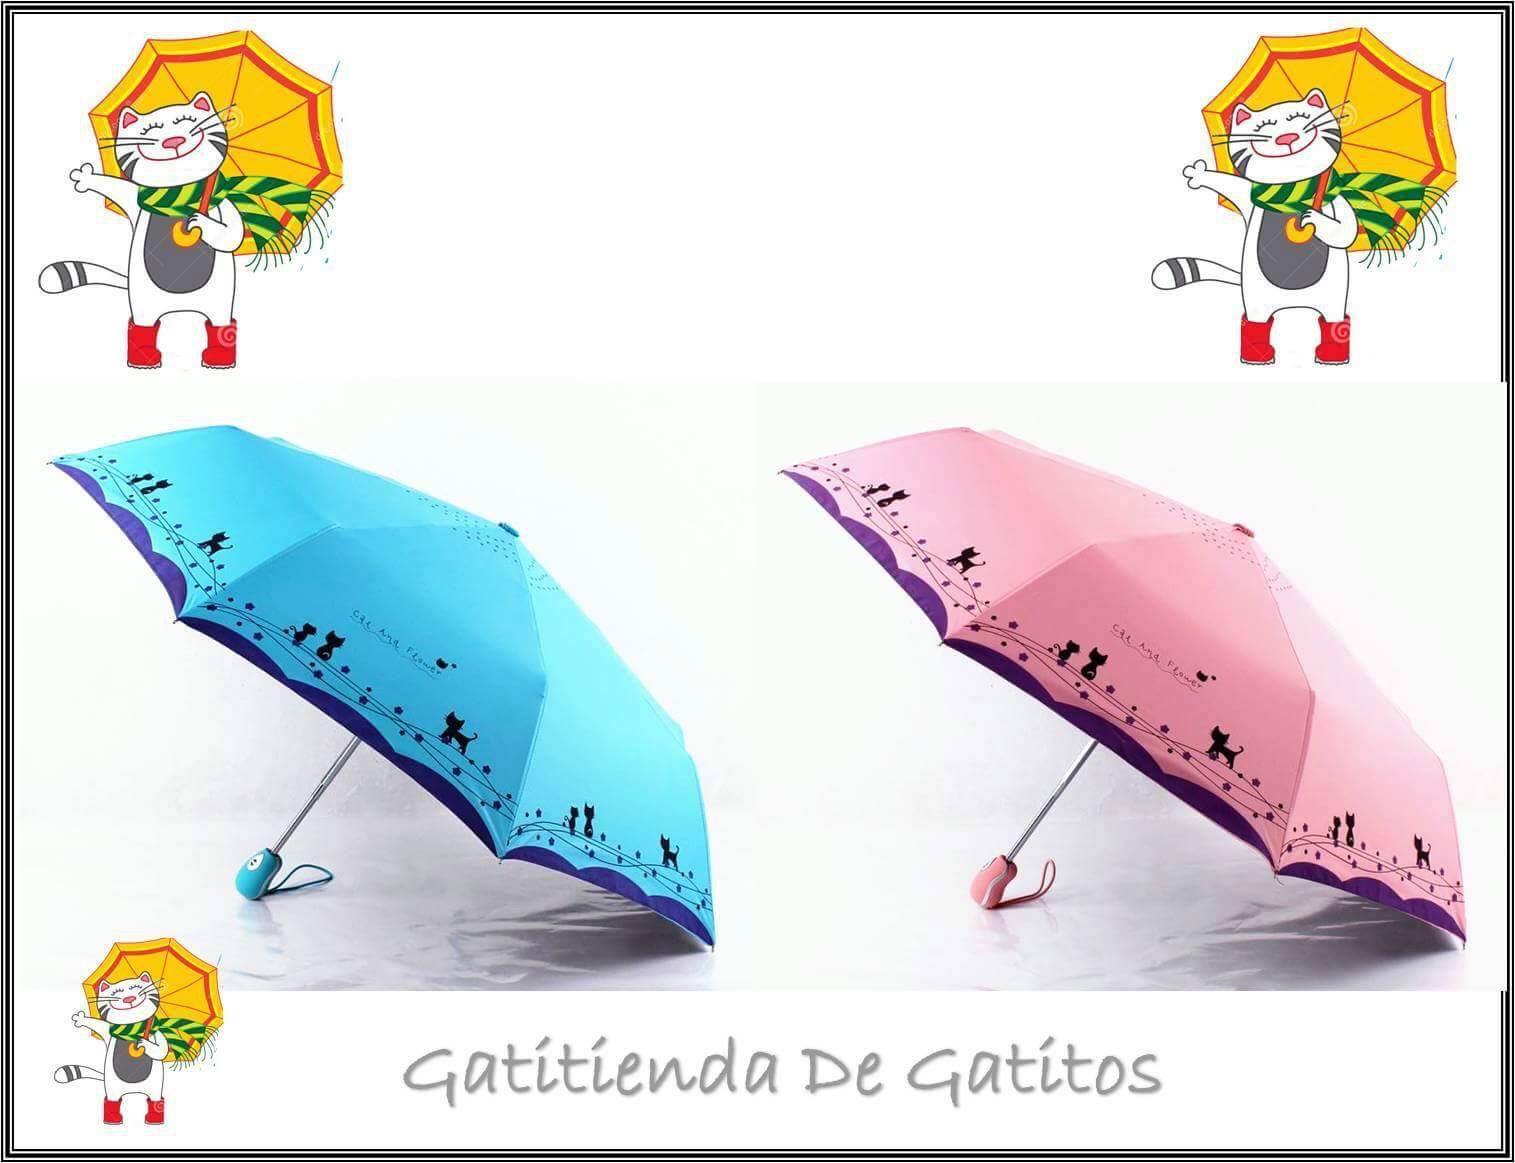 Paraguas Gatitos 640$